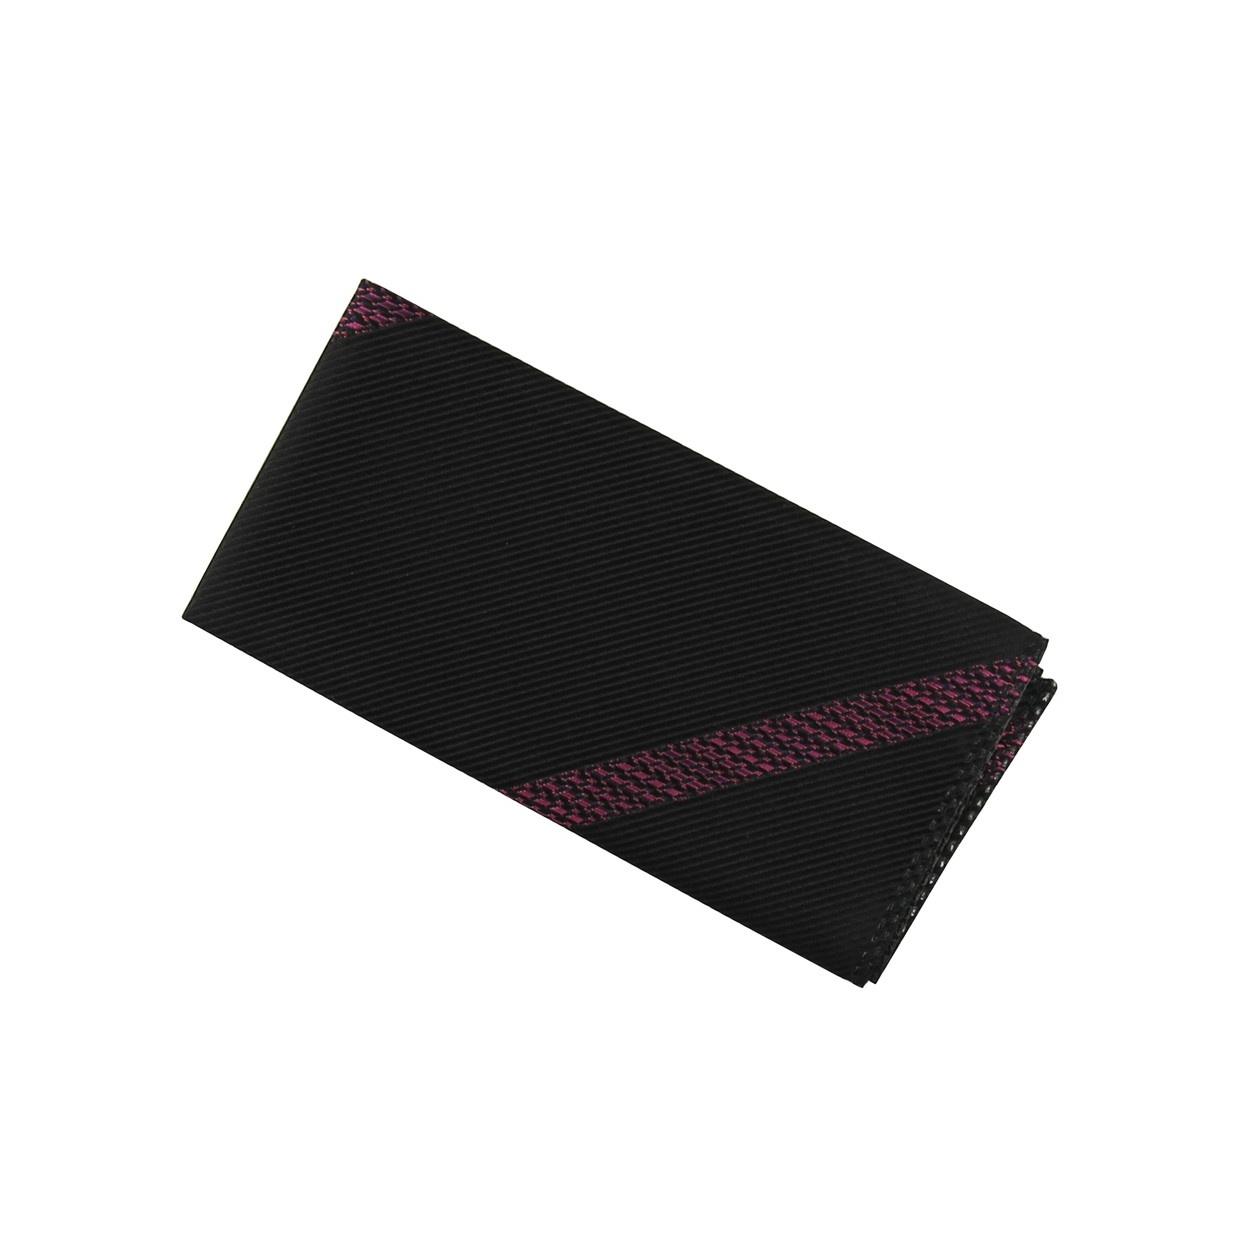 Černý pánský kapesníček do saka s fialovými pruhy